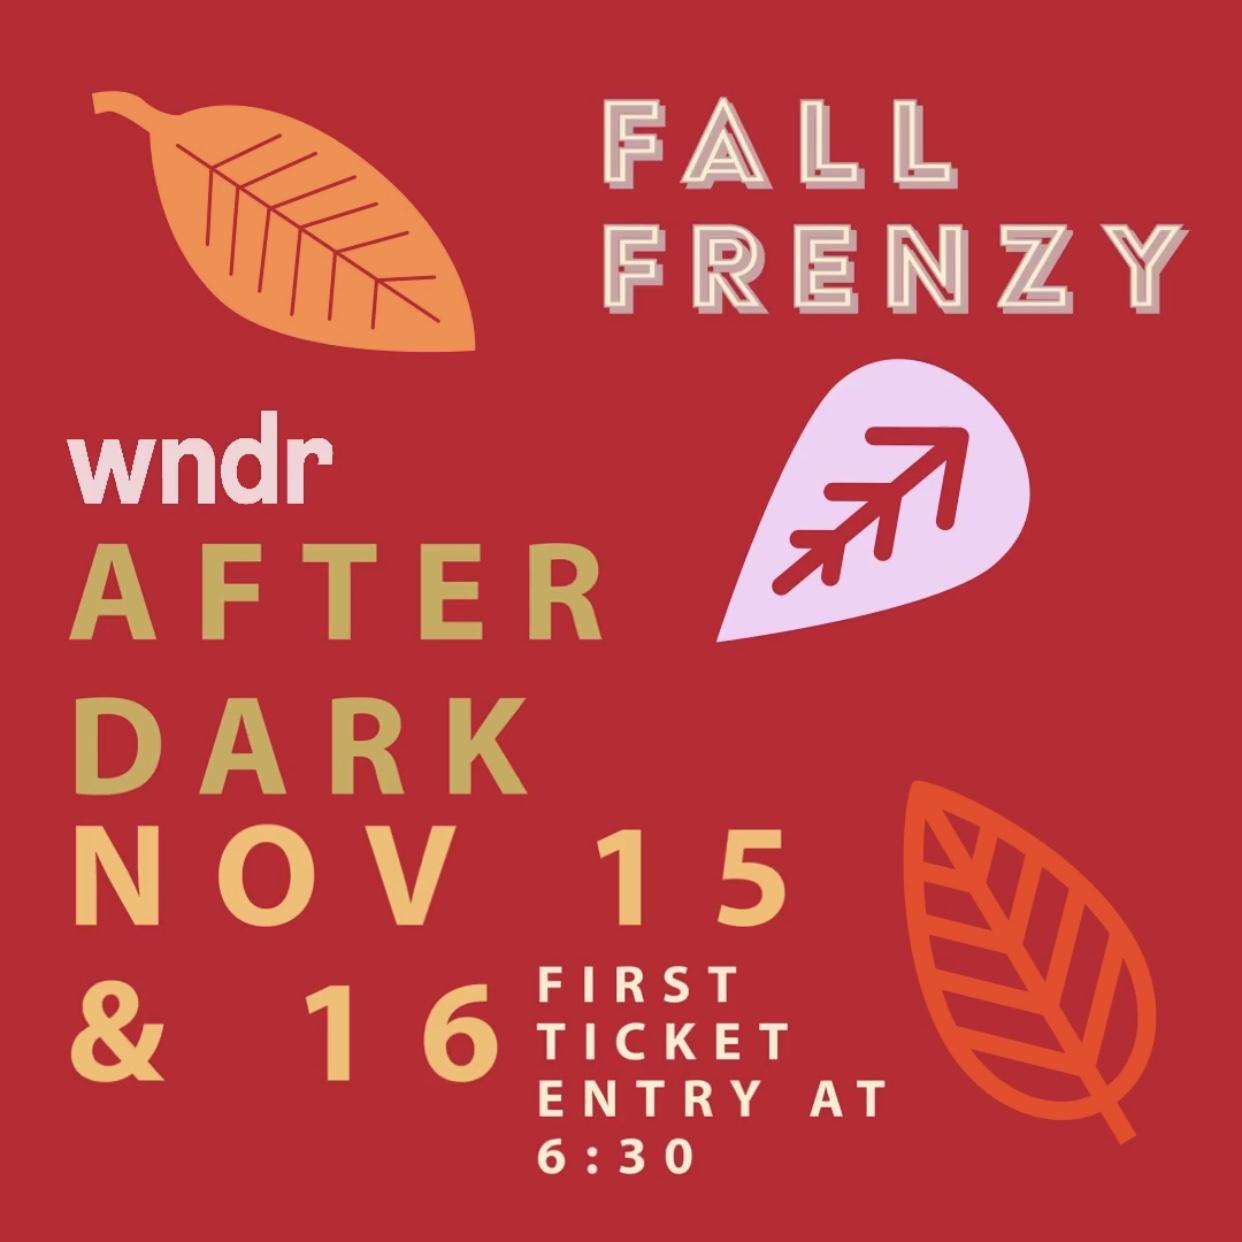 wndr After Dark: Fall Frenzy